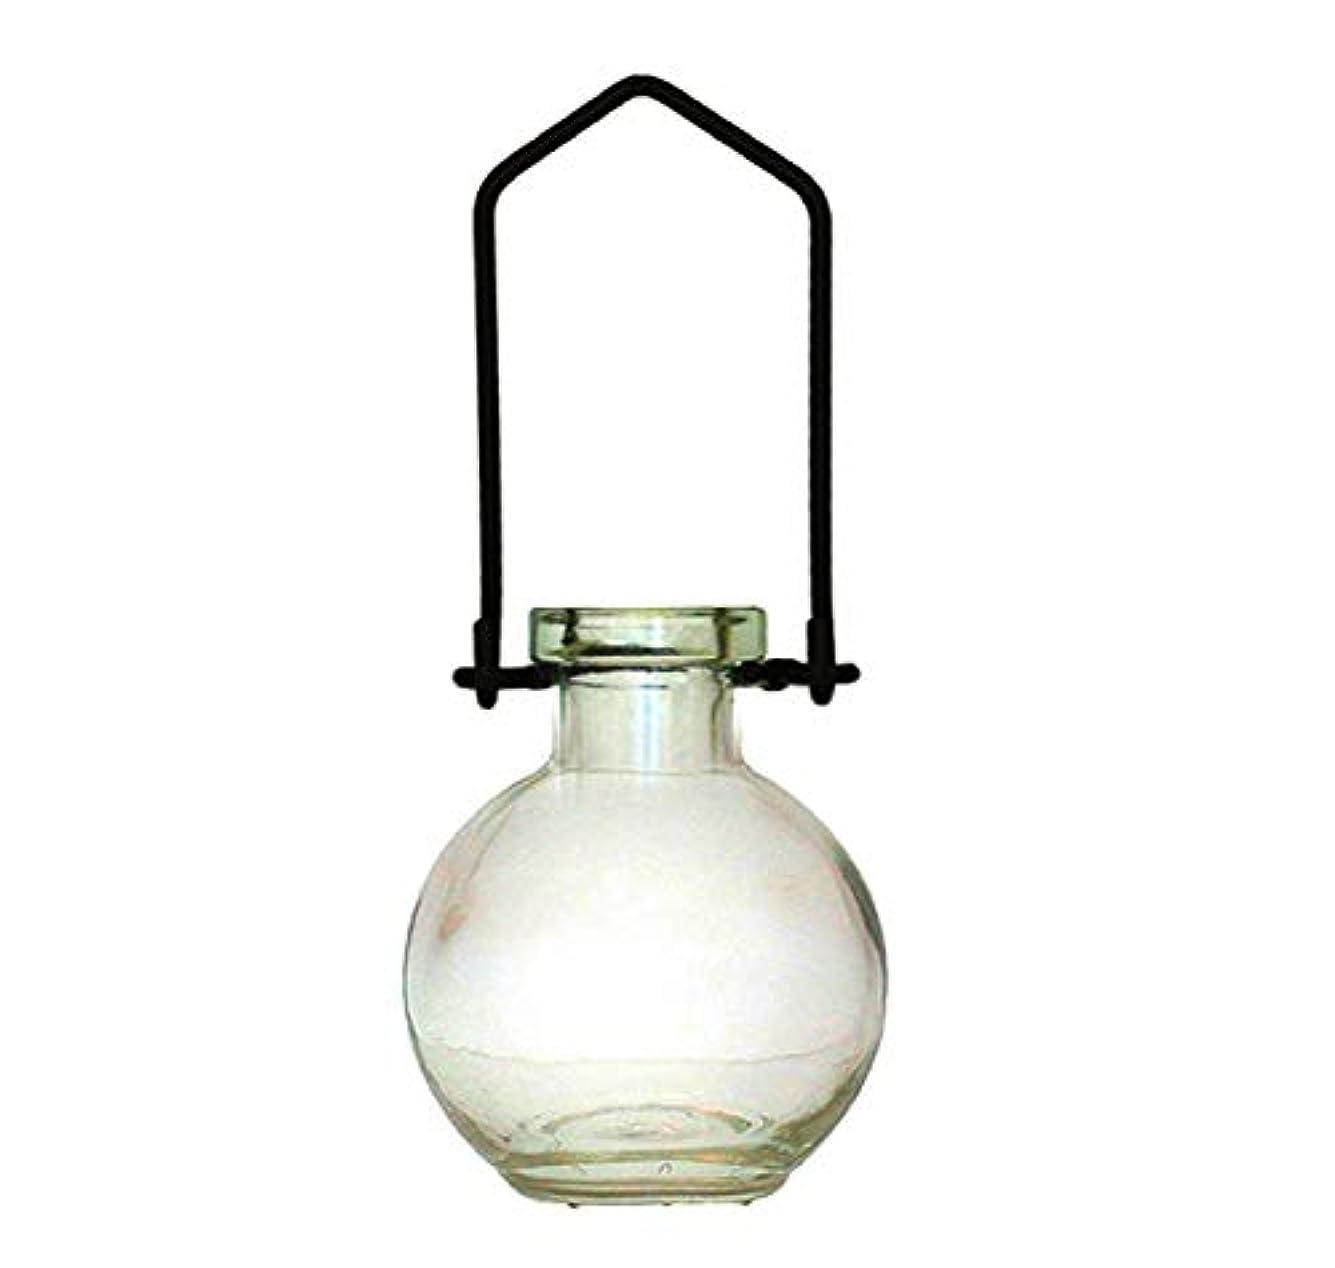 クアッガ先入観疑わしい装飾用吊り下げ花瓶 小型のガラスボトル 寮の飾り カラフルなお香立て 壁掛け装飾 ロマンチックな装飾 クリア G268VF